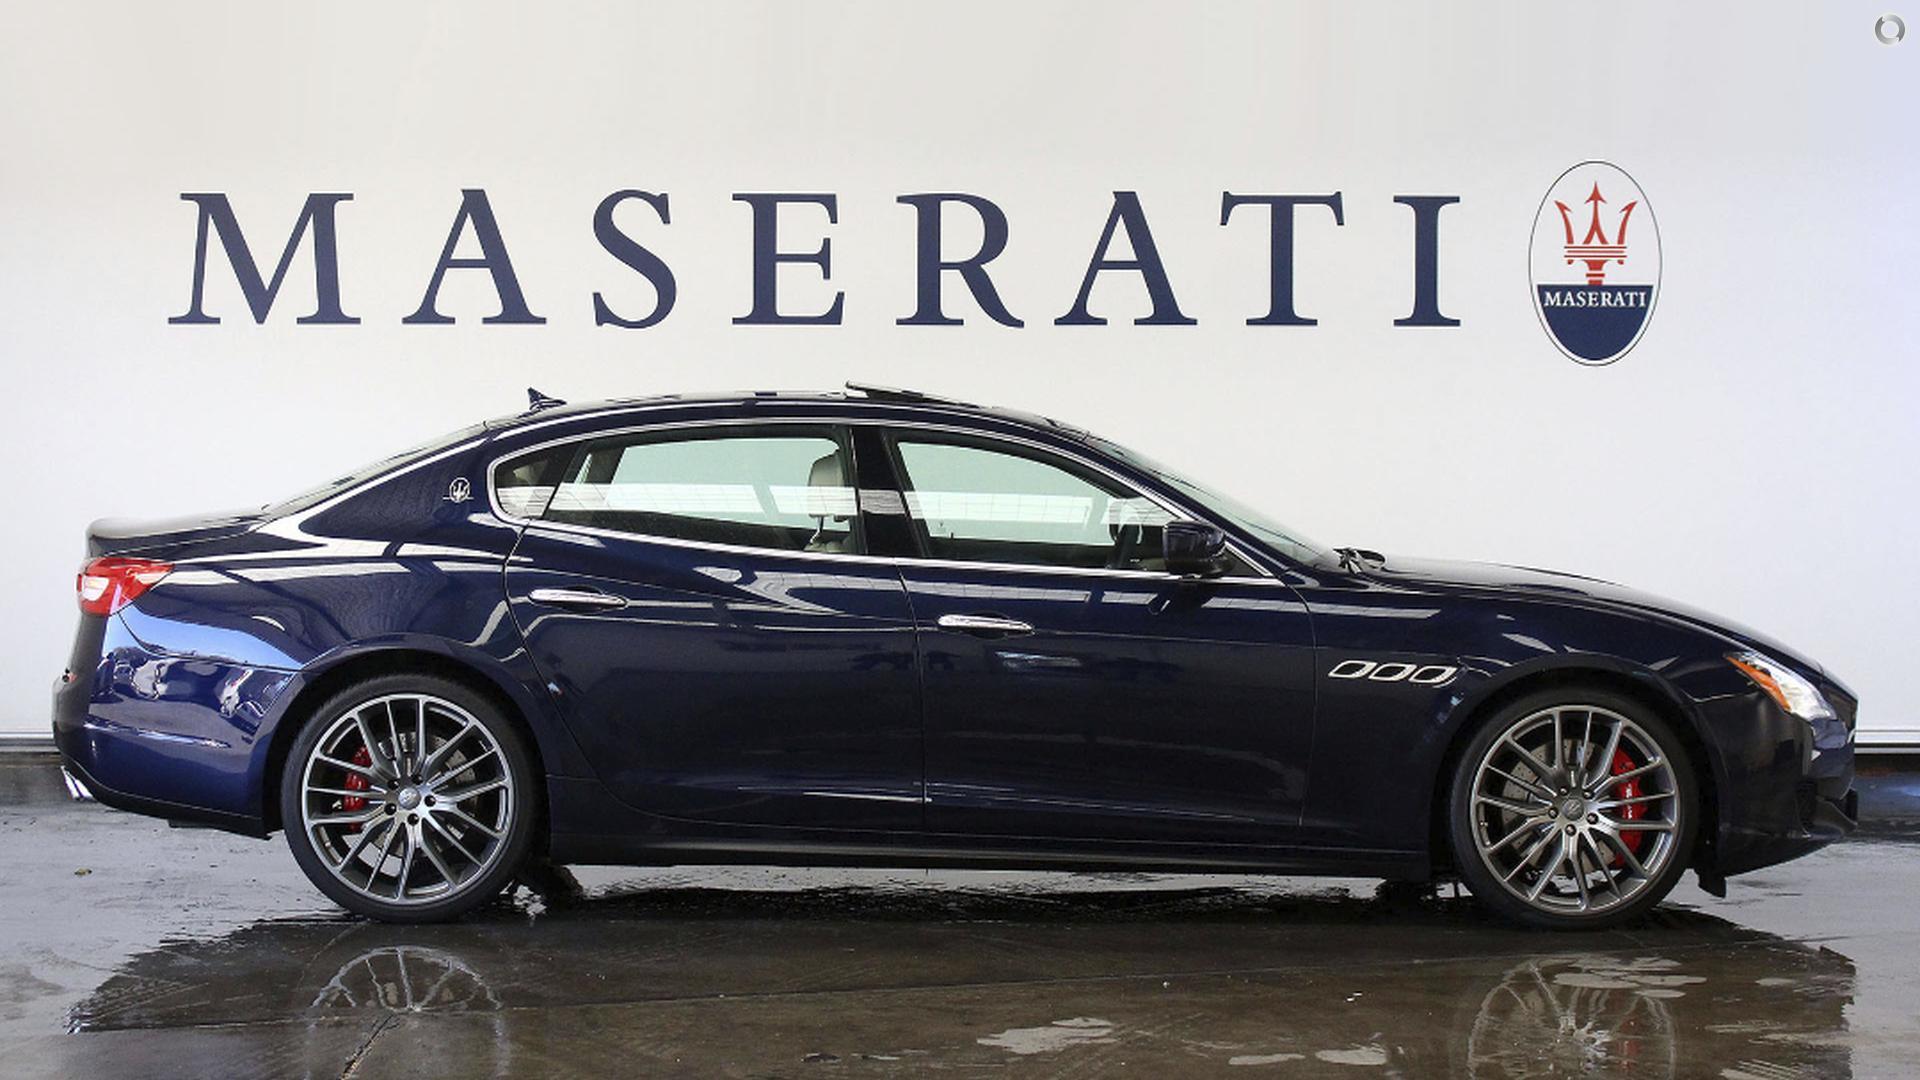 2013 Maserati Quattroporte GTS M156